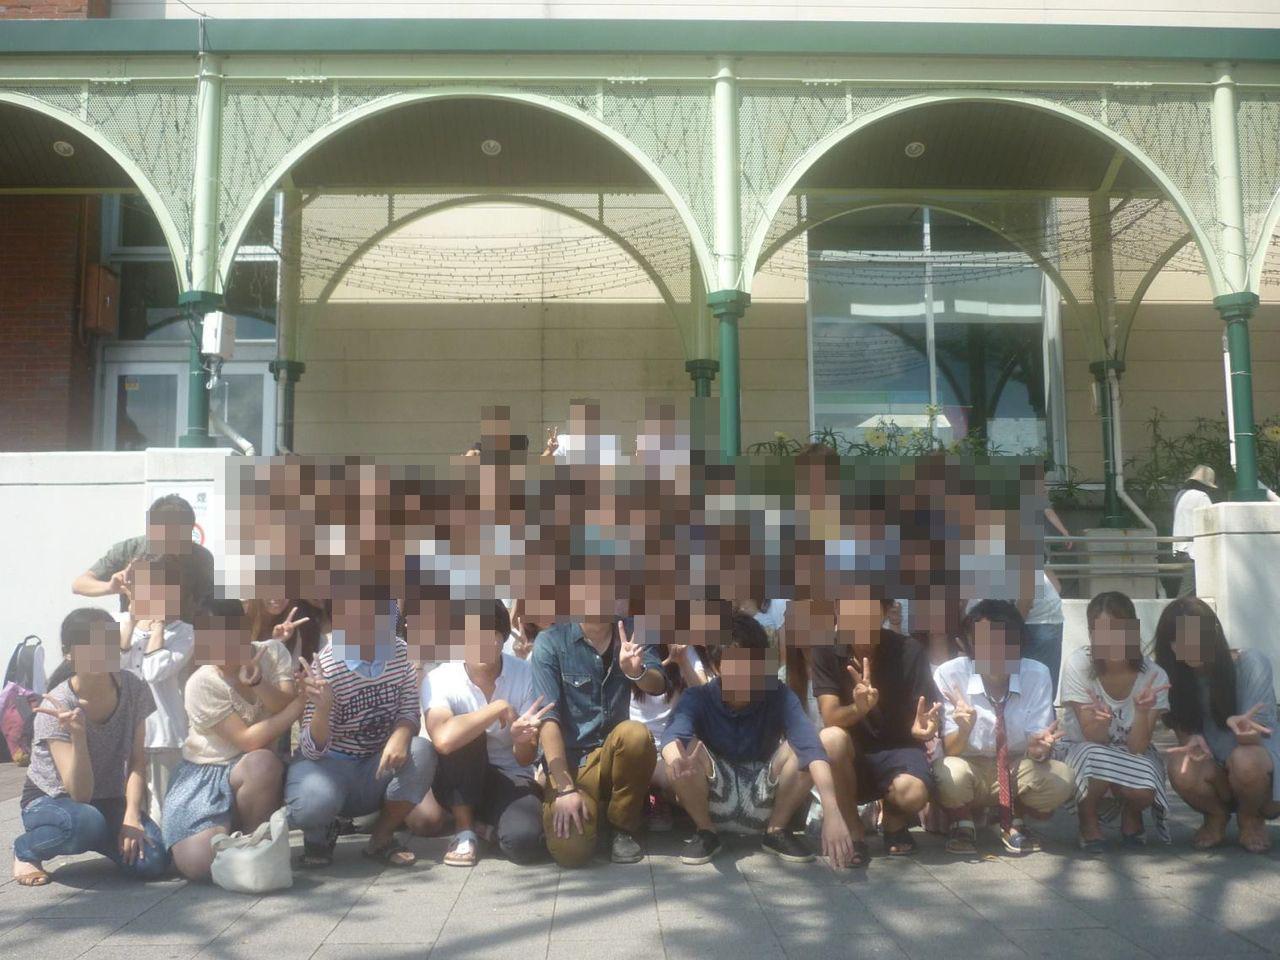 【パンチラエロ画像】ミニスカ女子が前列だから当然…半永久的に丸見えな記念写真パンチラwww 16